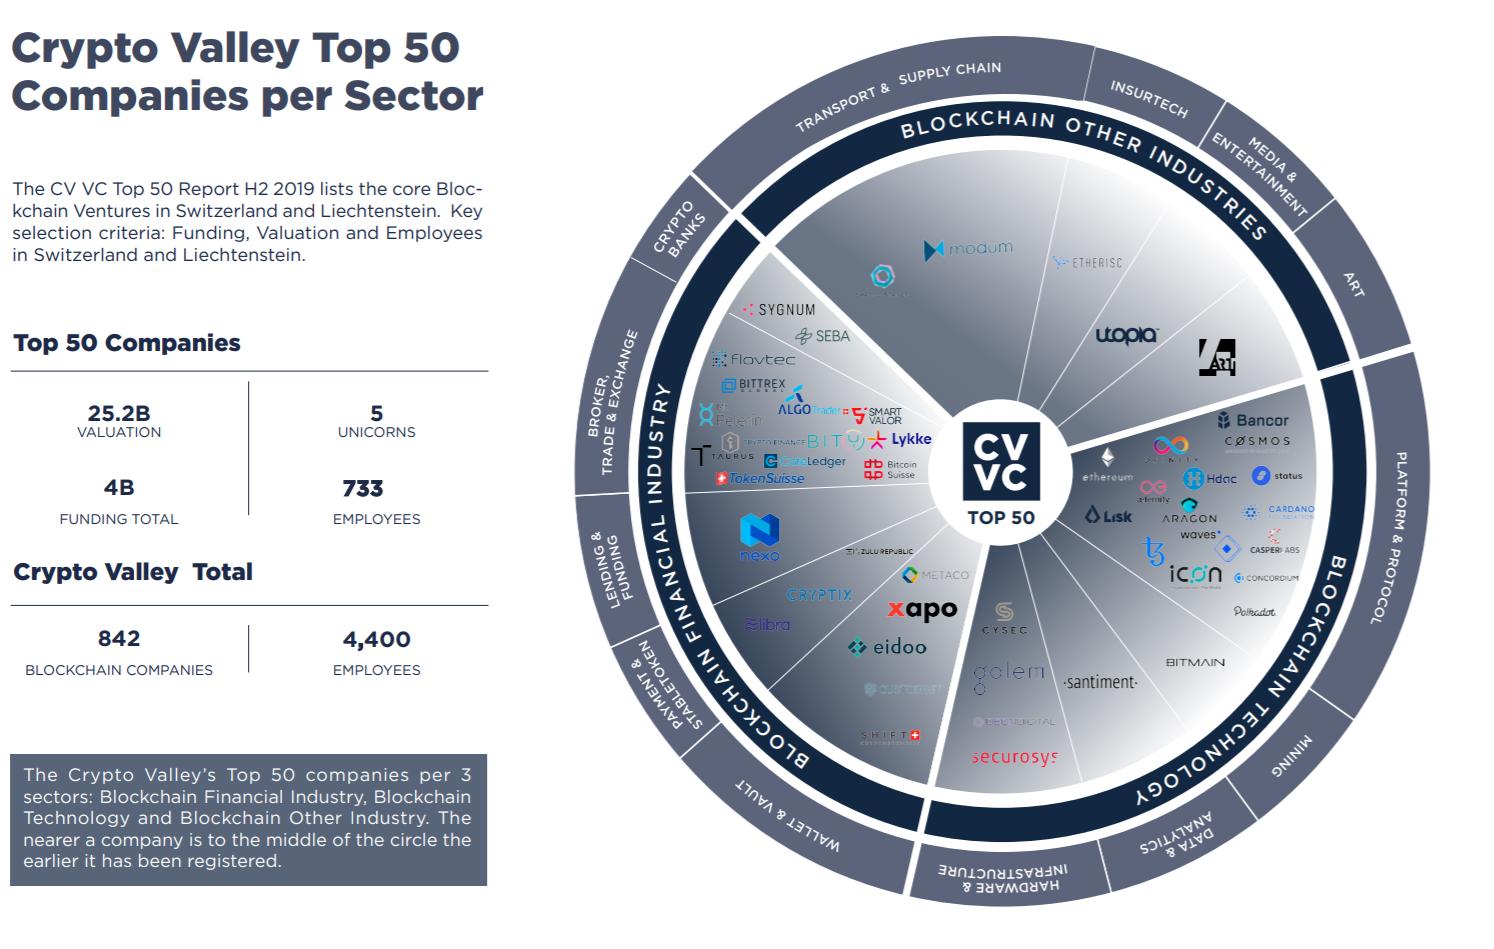 CV VC Top 50